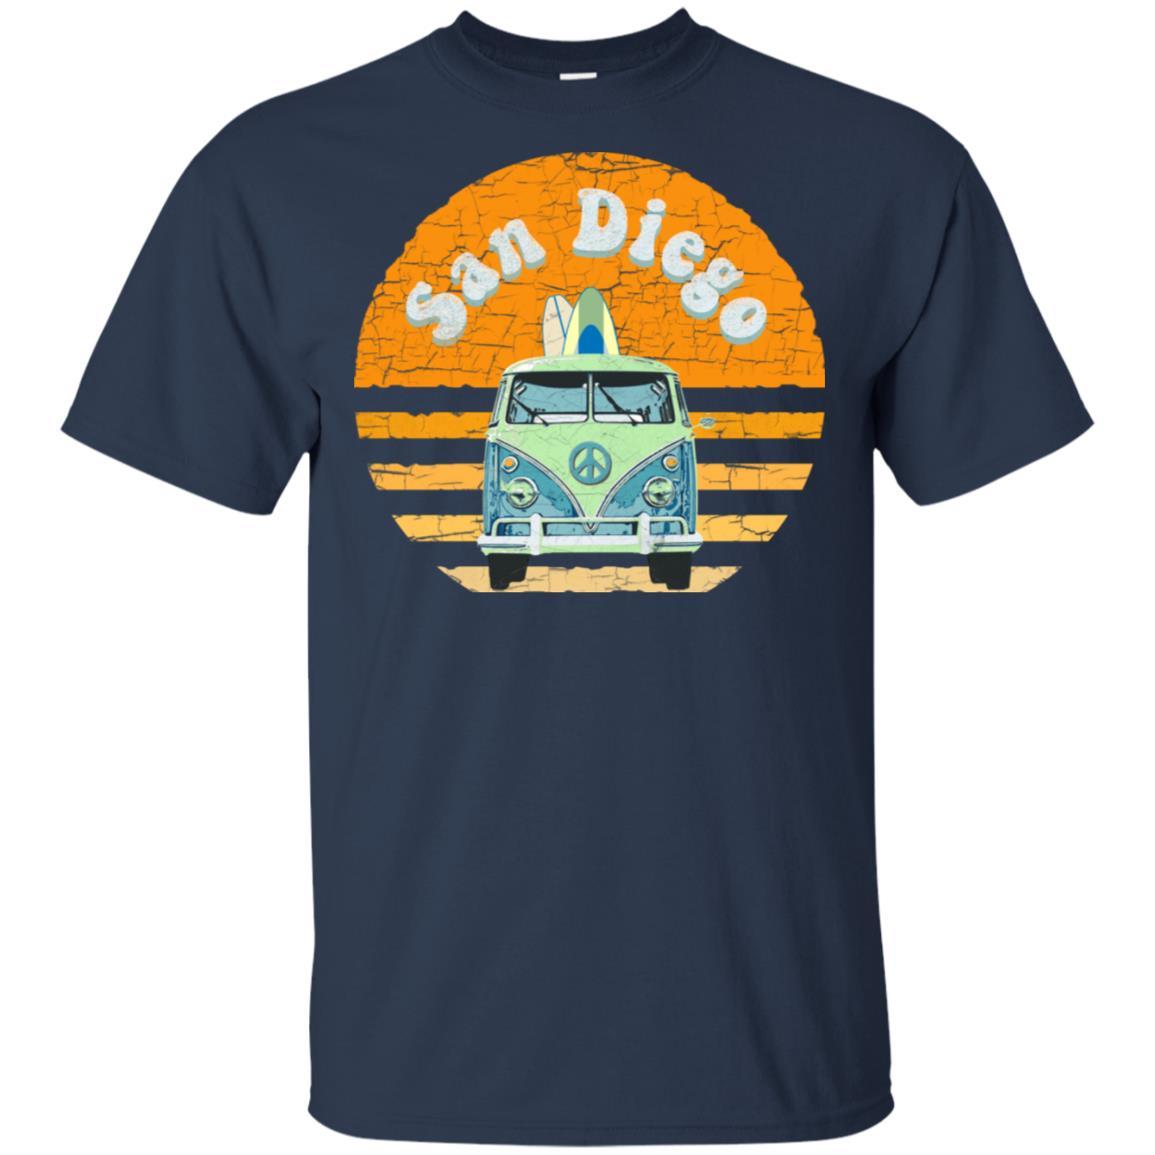 Vintage San Diego Hippie Van Beach Surfer Unisex Short Sleeve